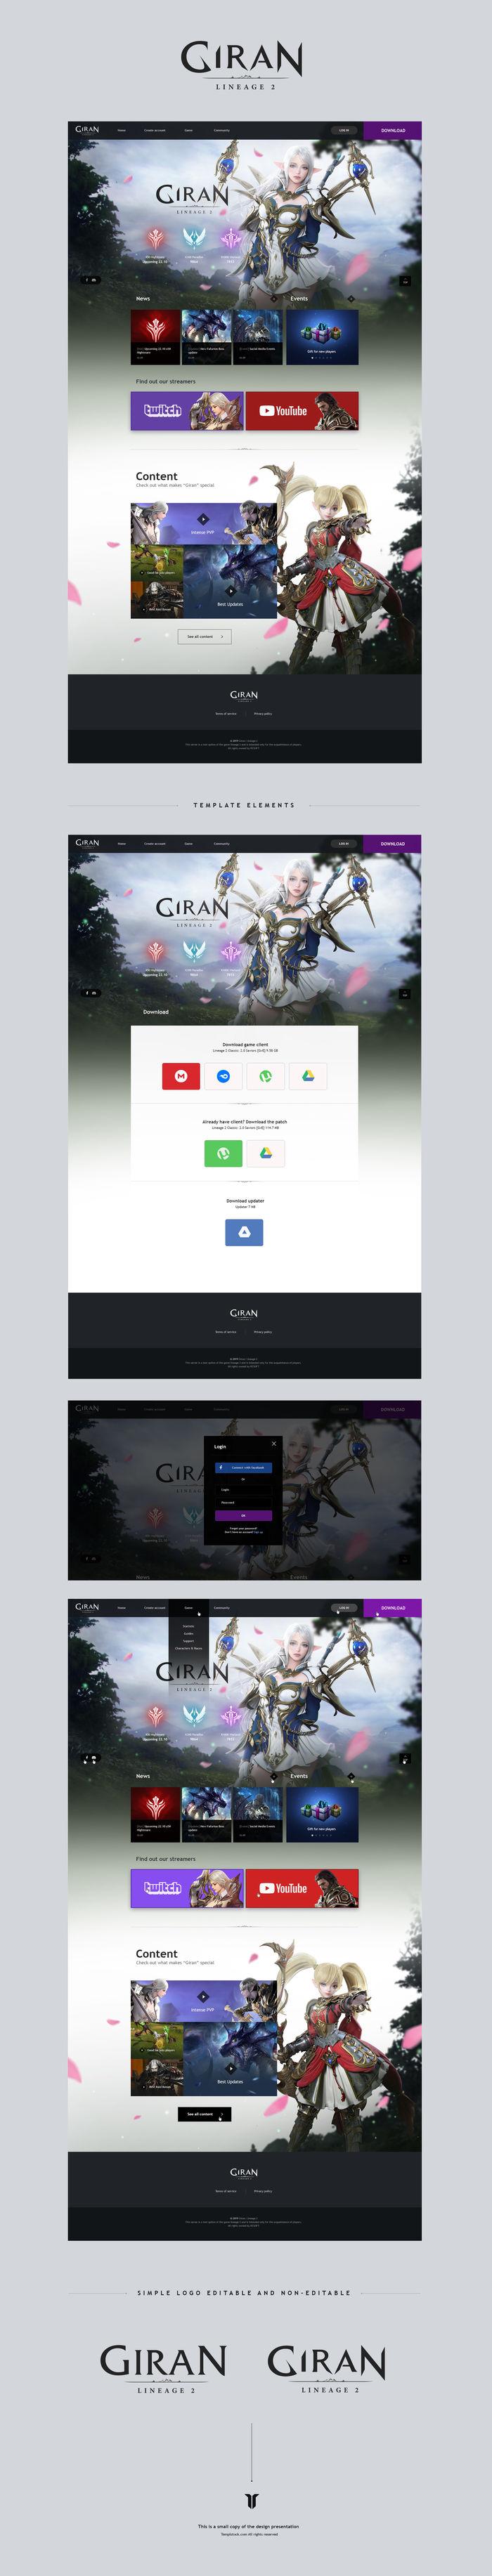 l2-giran-website.jpg